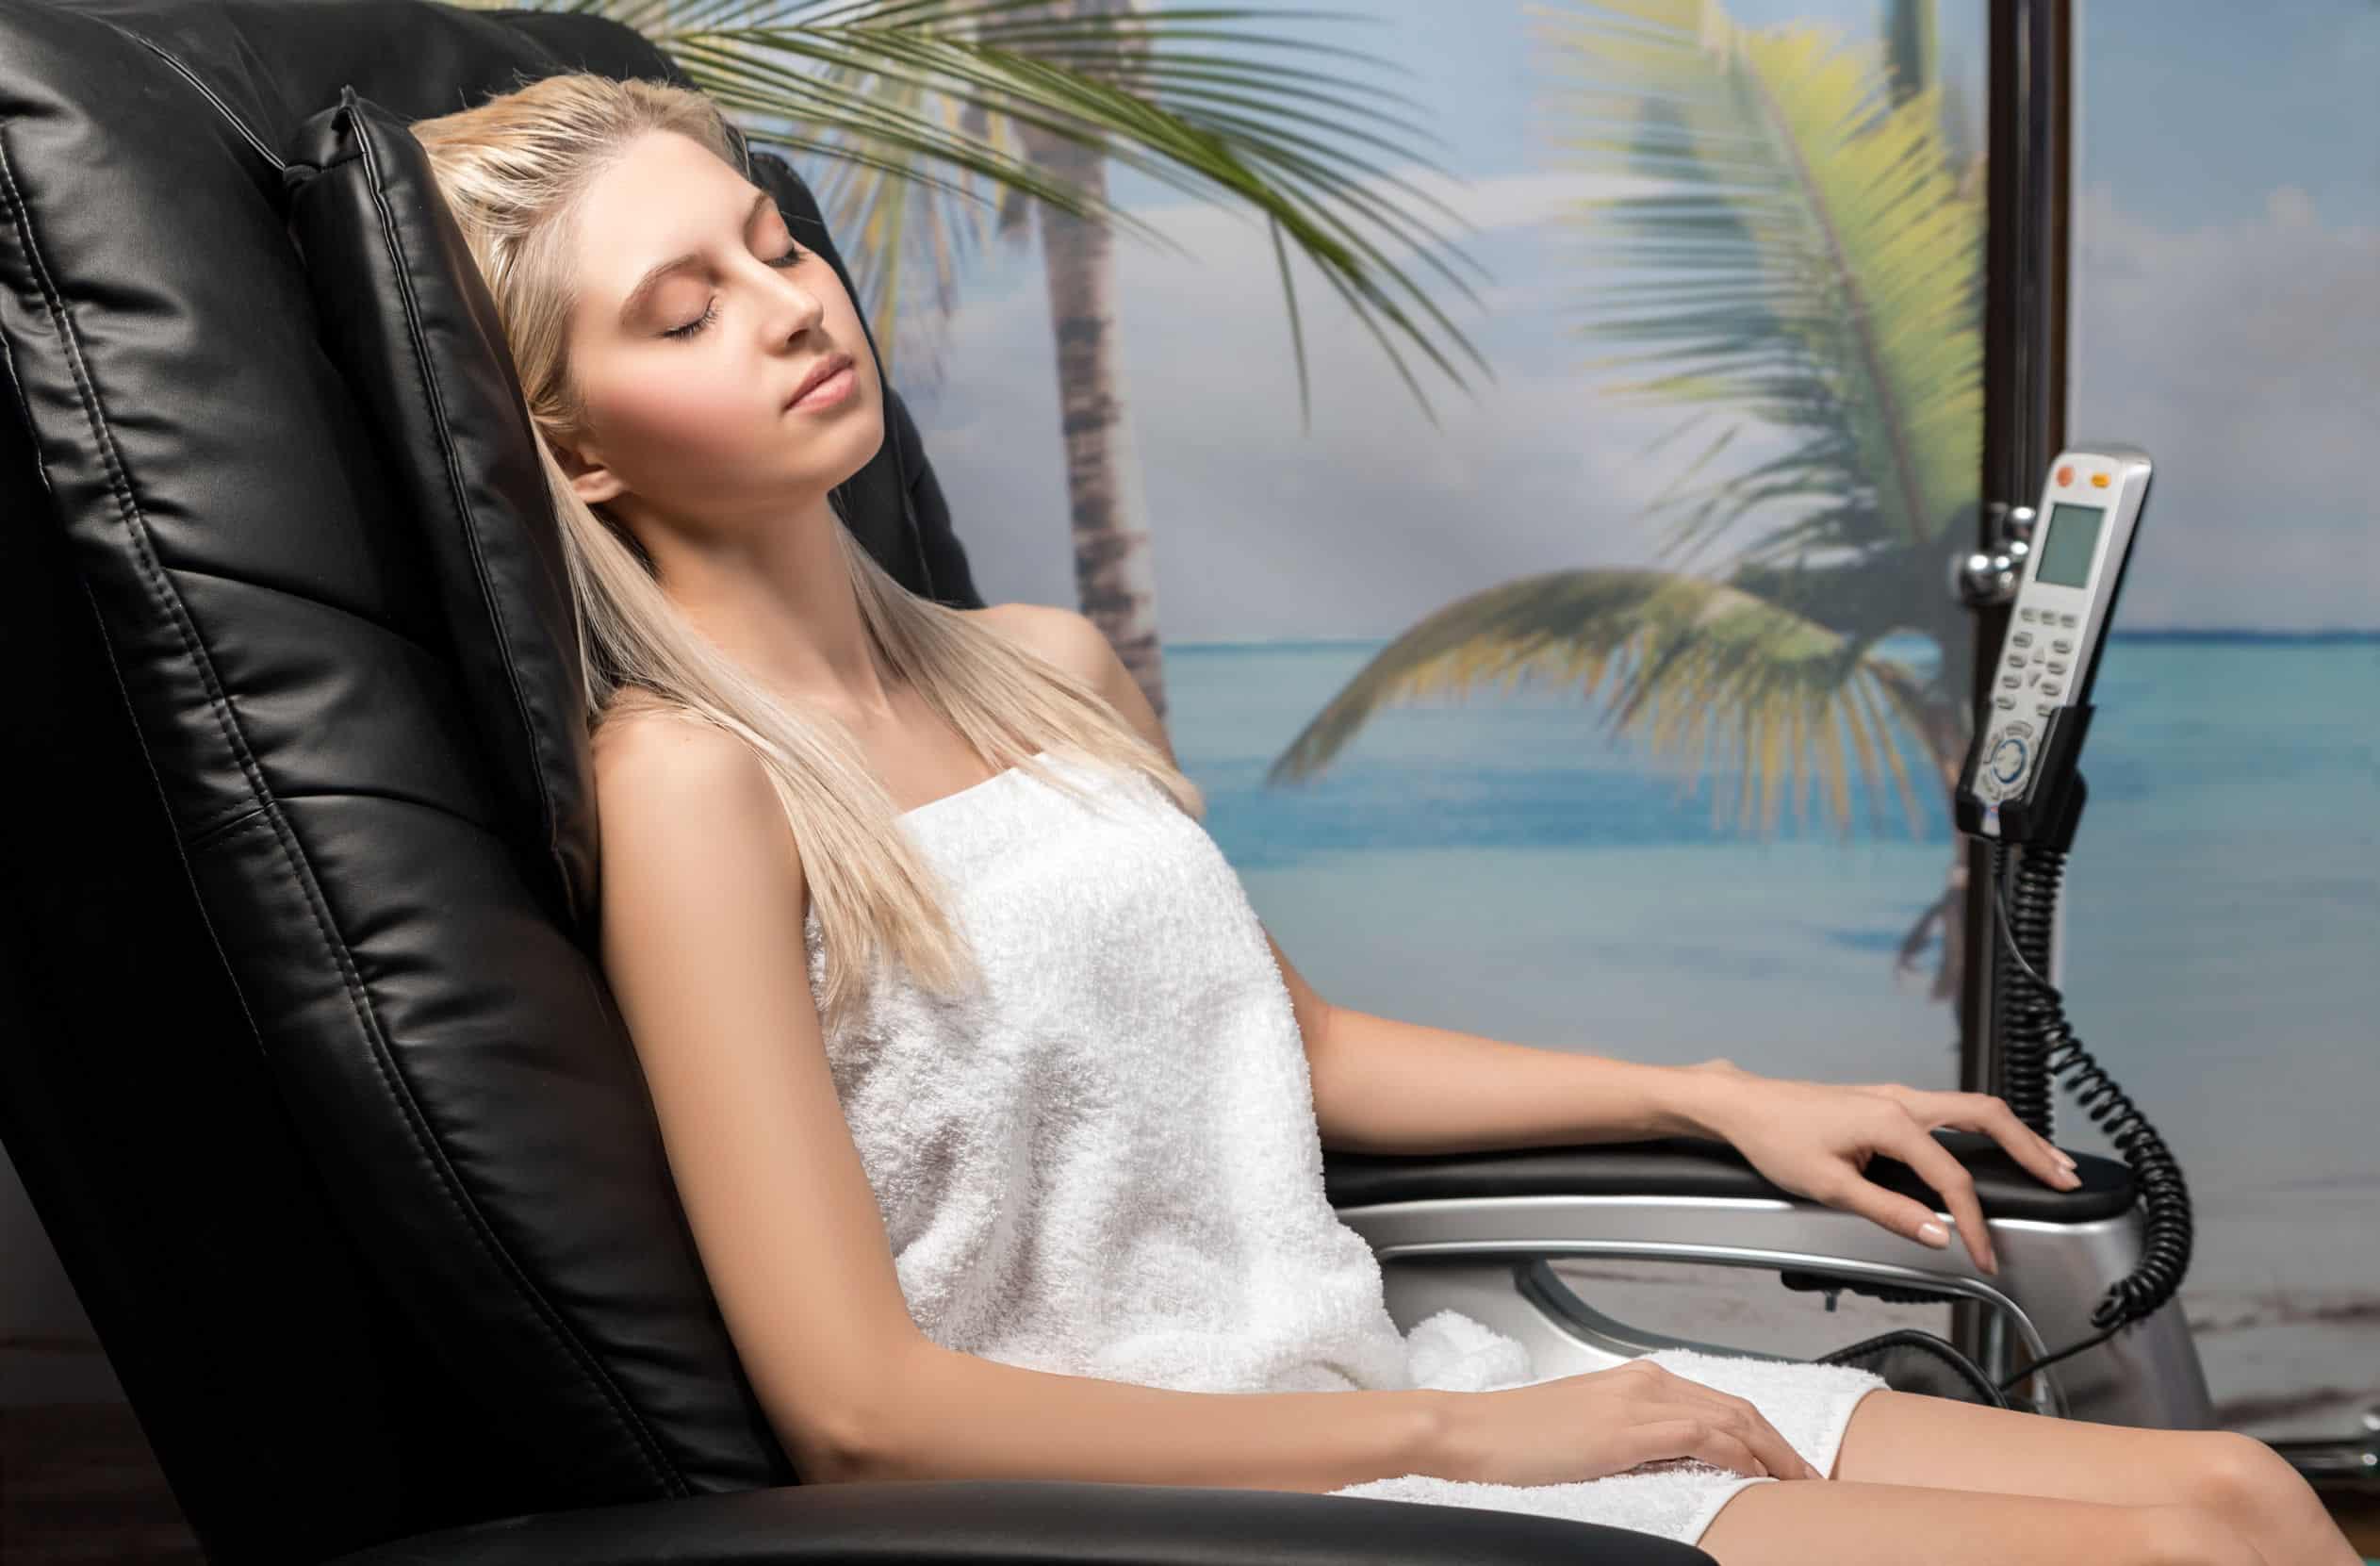 Massagesessel: Test & Empfehlungen (05/21)